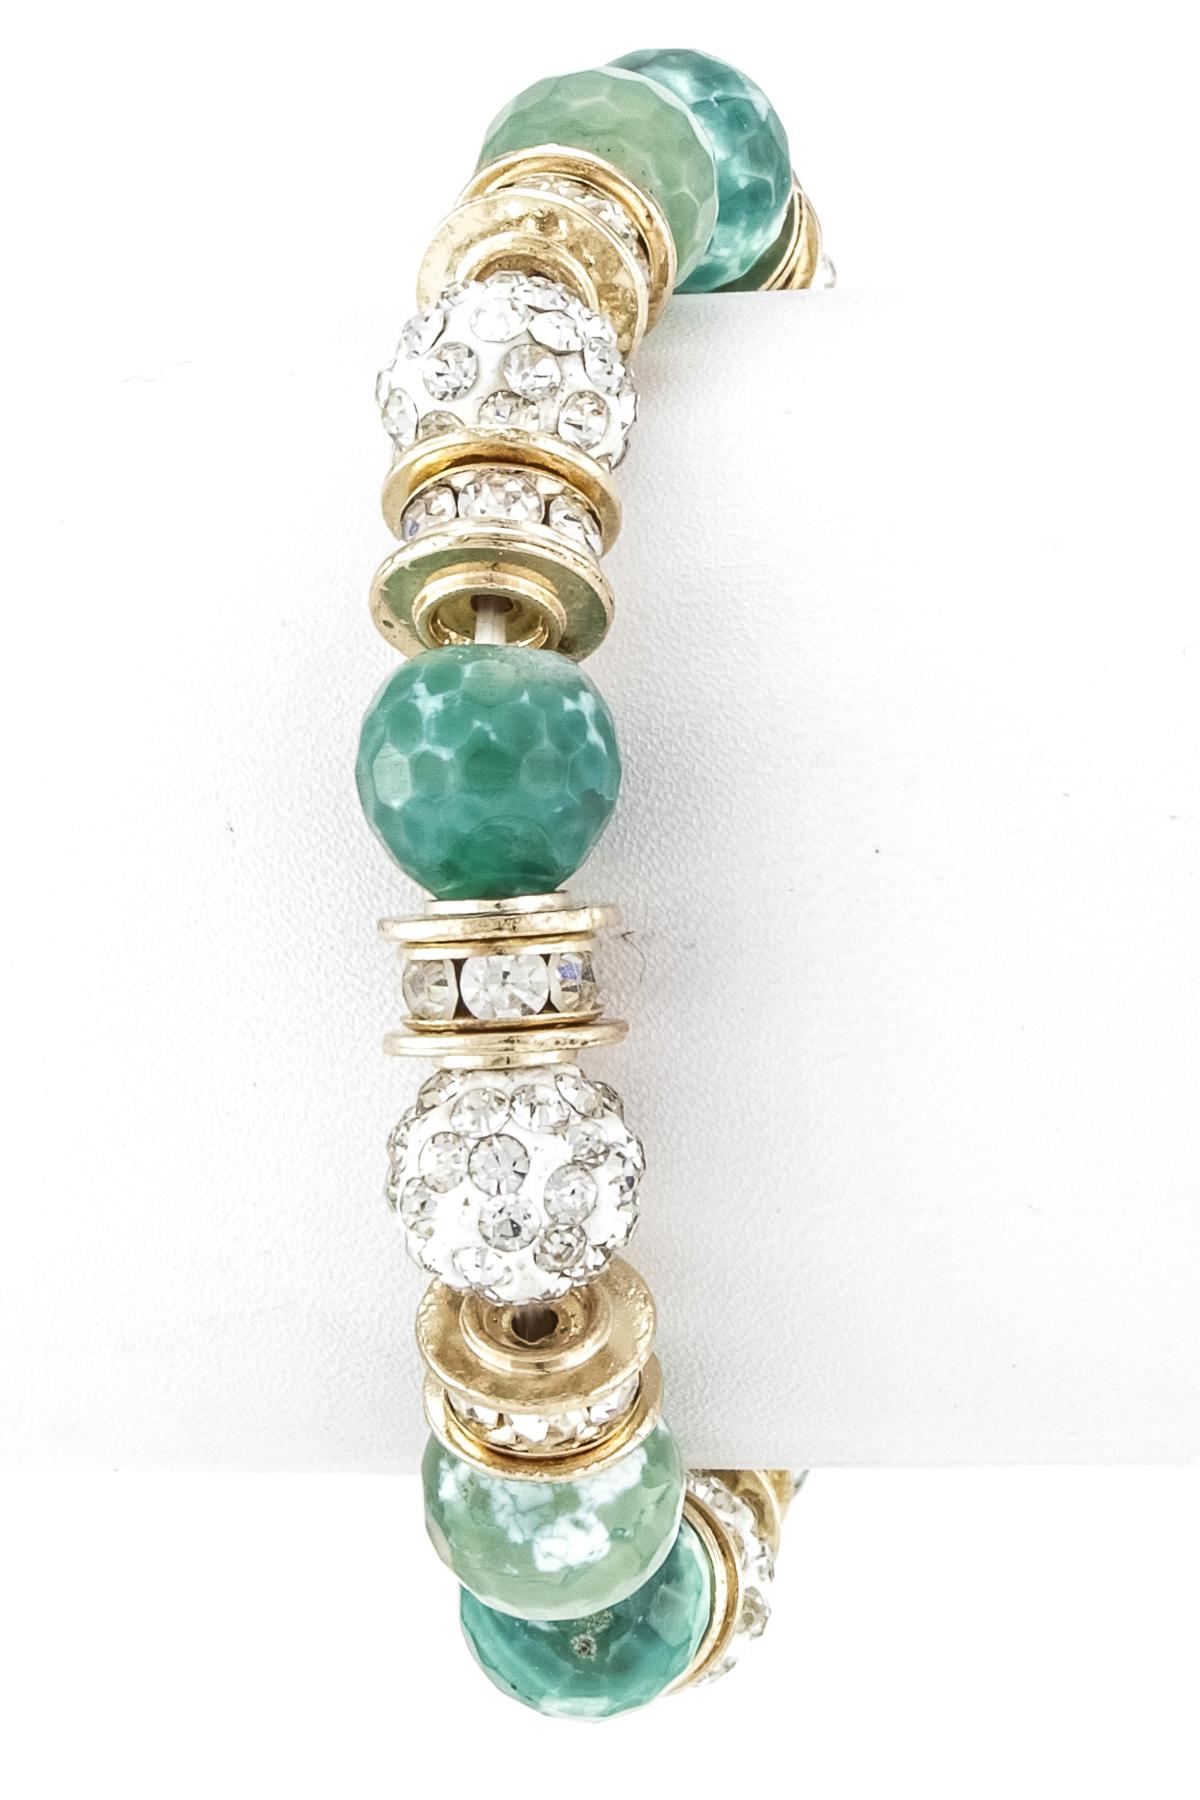 Semi Precious Stone Pave Ball Stretch Bracelet - Bracelets